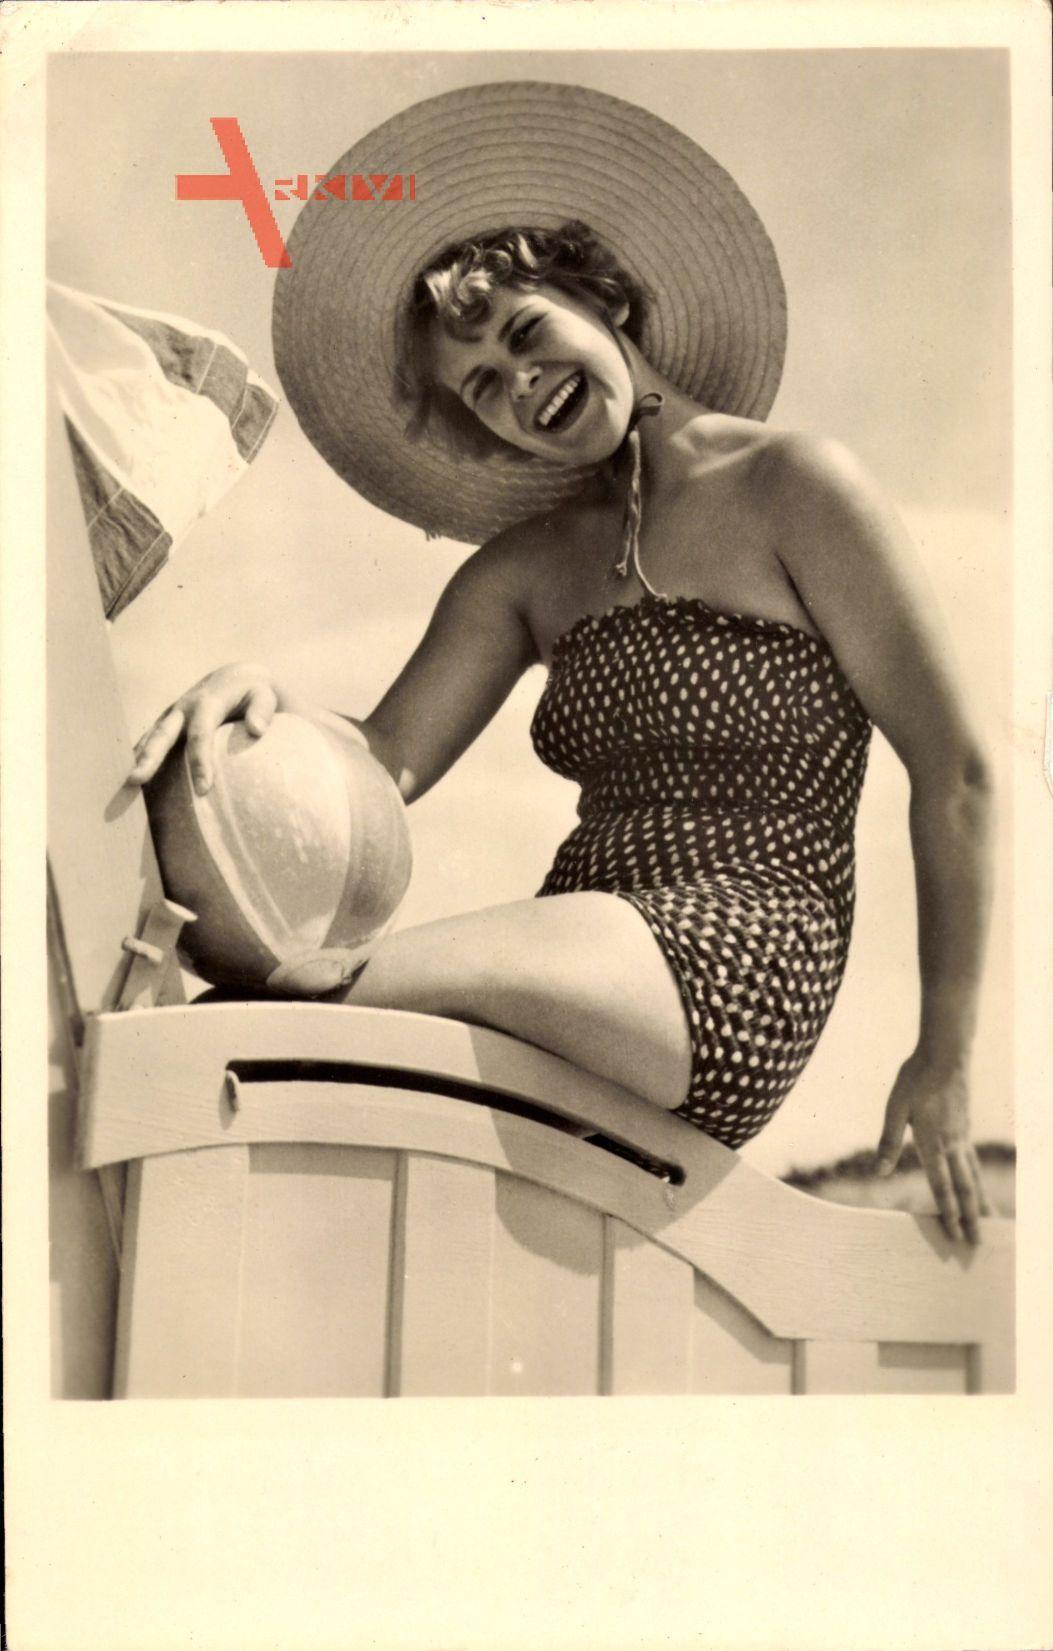 Junge Frau in Badekleid, Strohhut, Spielball, Gelocktes Haar